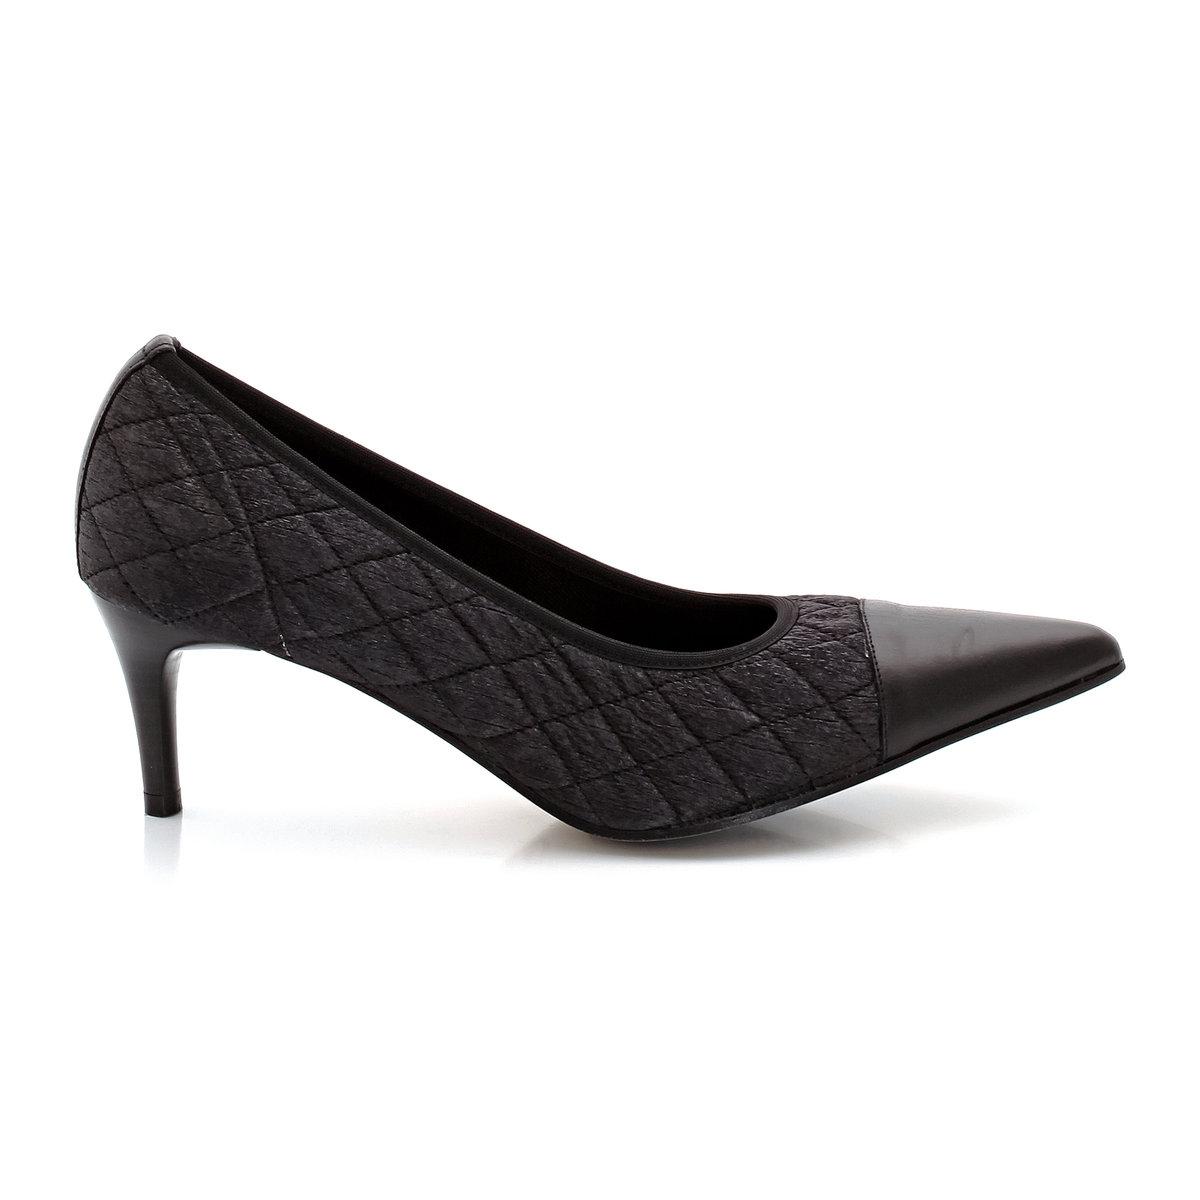 Туфли из кожи RAYAN от ELIZABETH STUARTТуфли, модель RAYAN от ELIZABETH STUARTВерх  : яловичная кожа.Подкладка  : текстиль. Подошва  : кожа. Высота каблука: 6,4 см.<br><br>Цвет: черный<br>Размер: 39.40